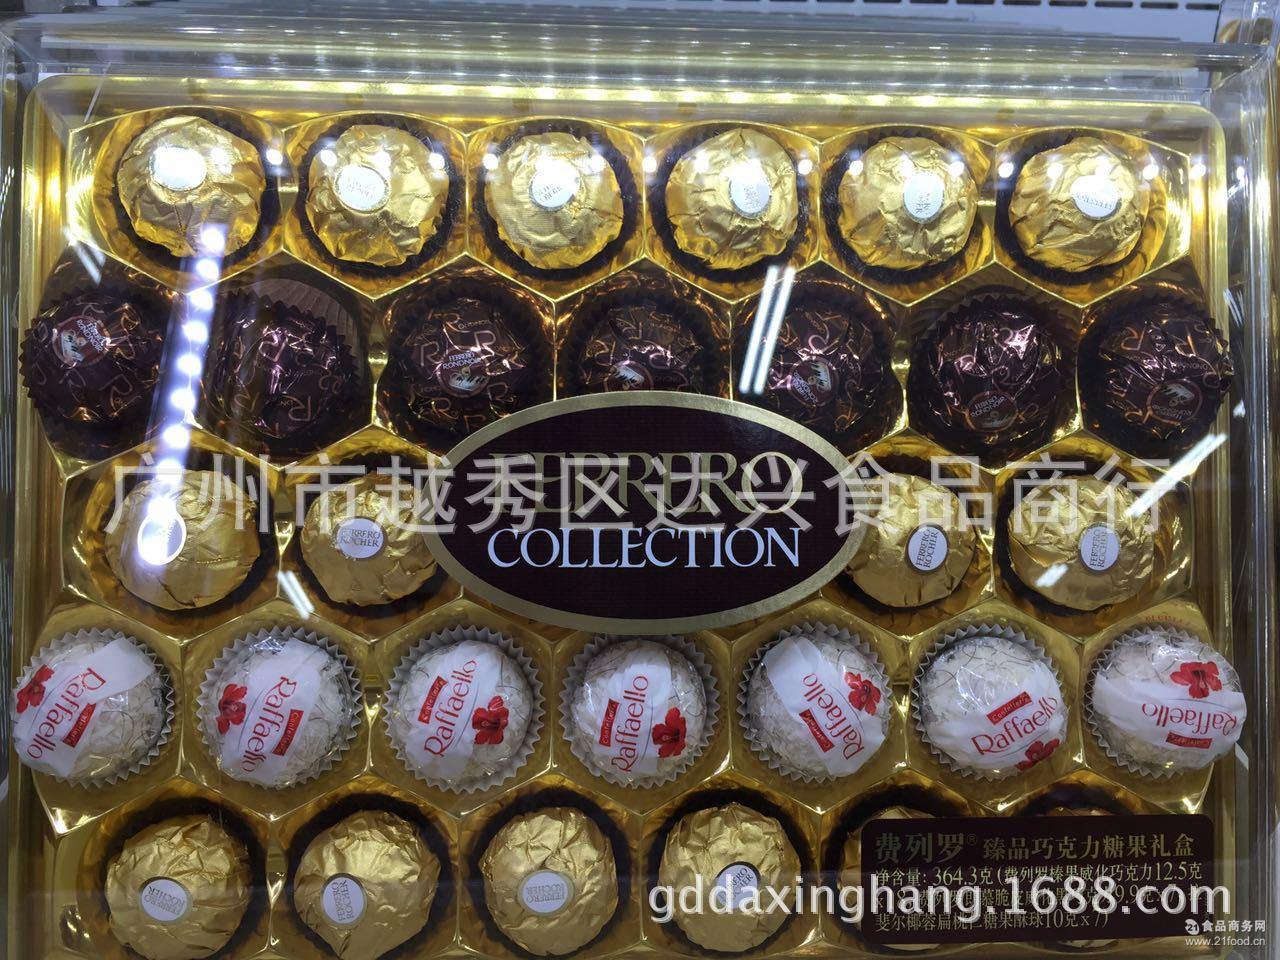 箱费列罗巧克力 费列罗*巧克力糖果礼盒T32粒 盒*4盒